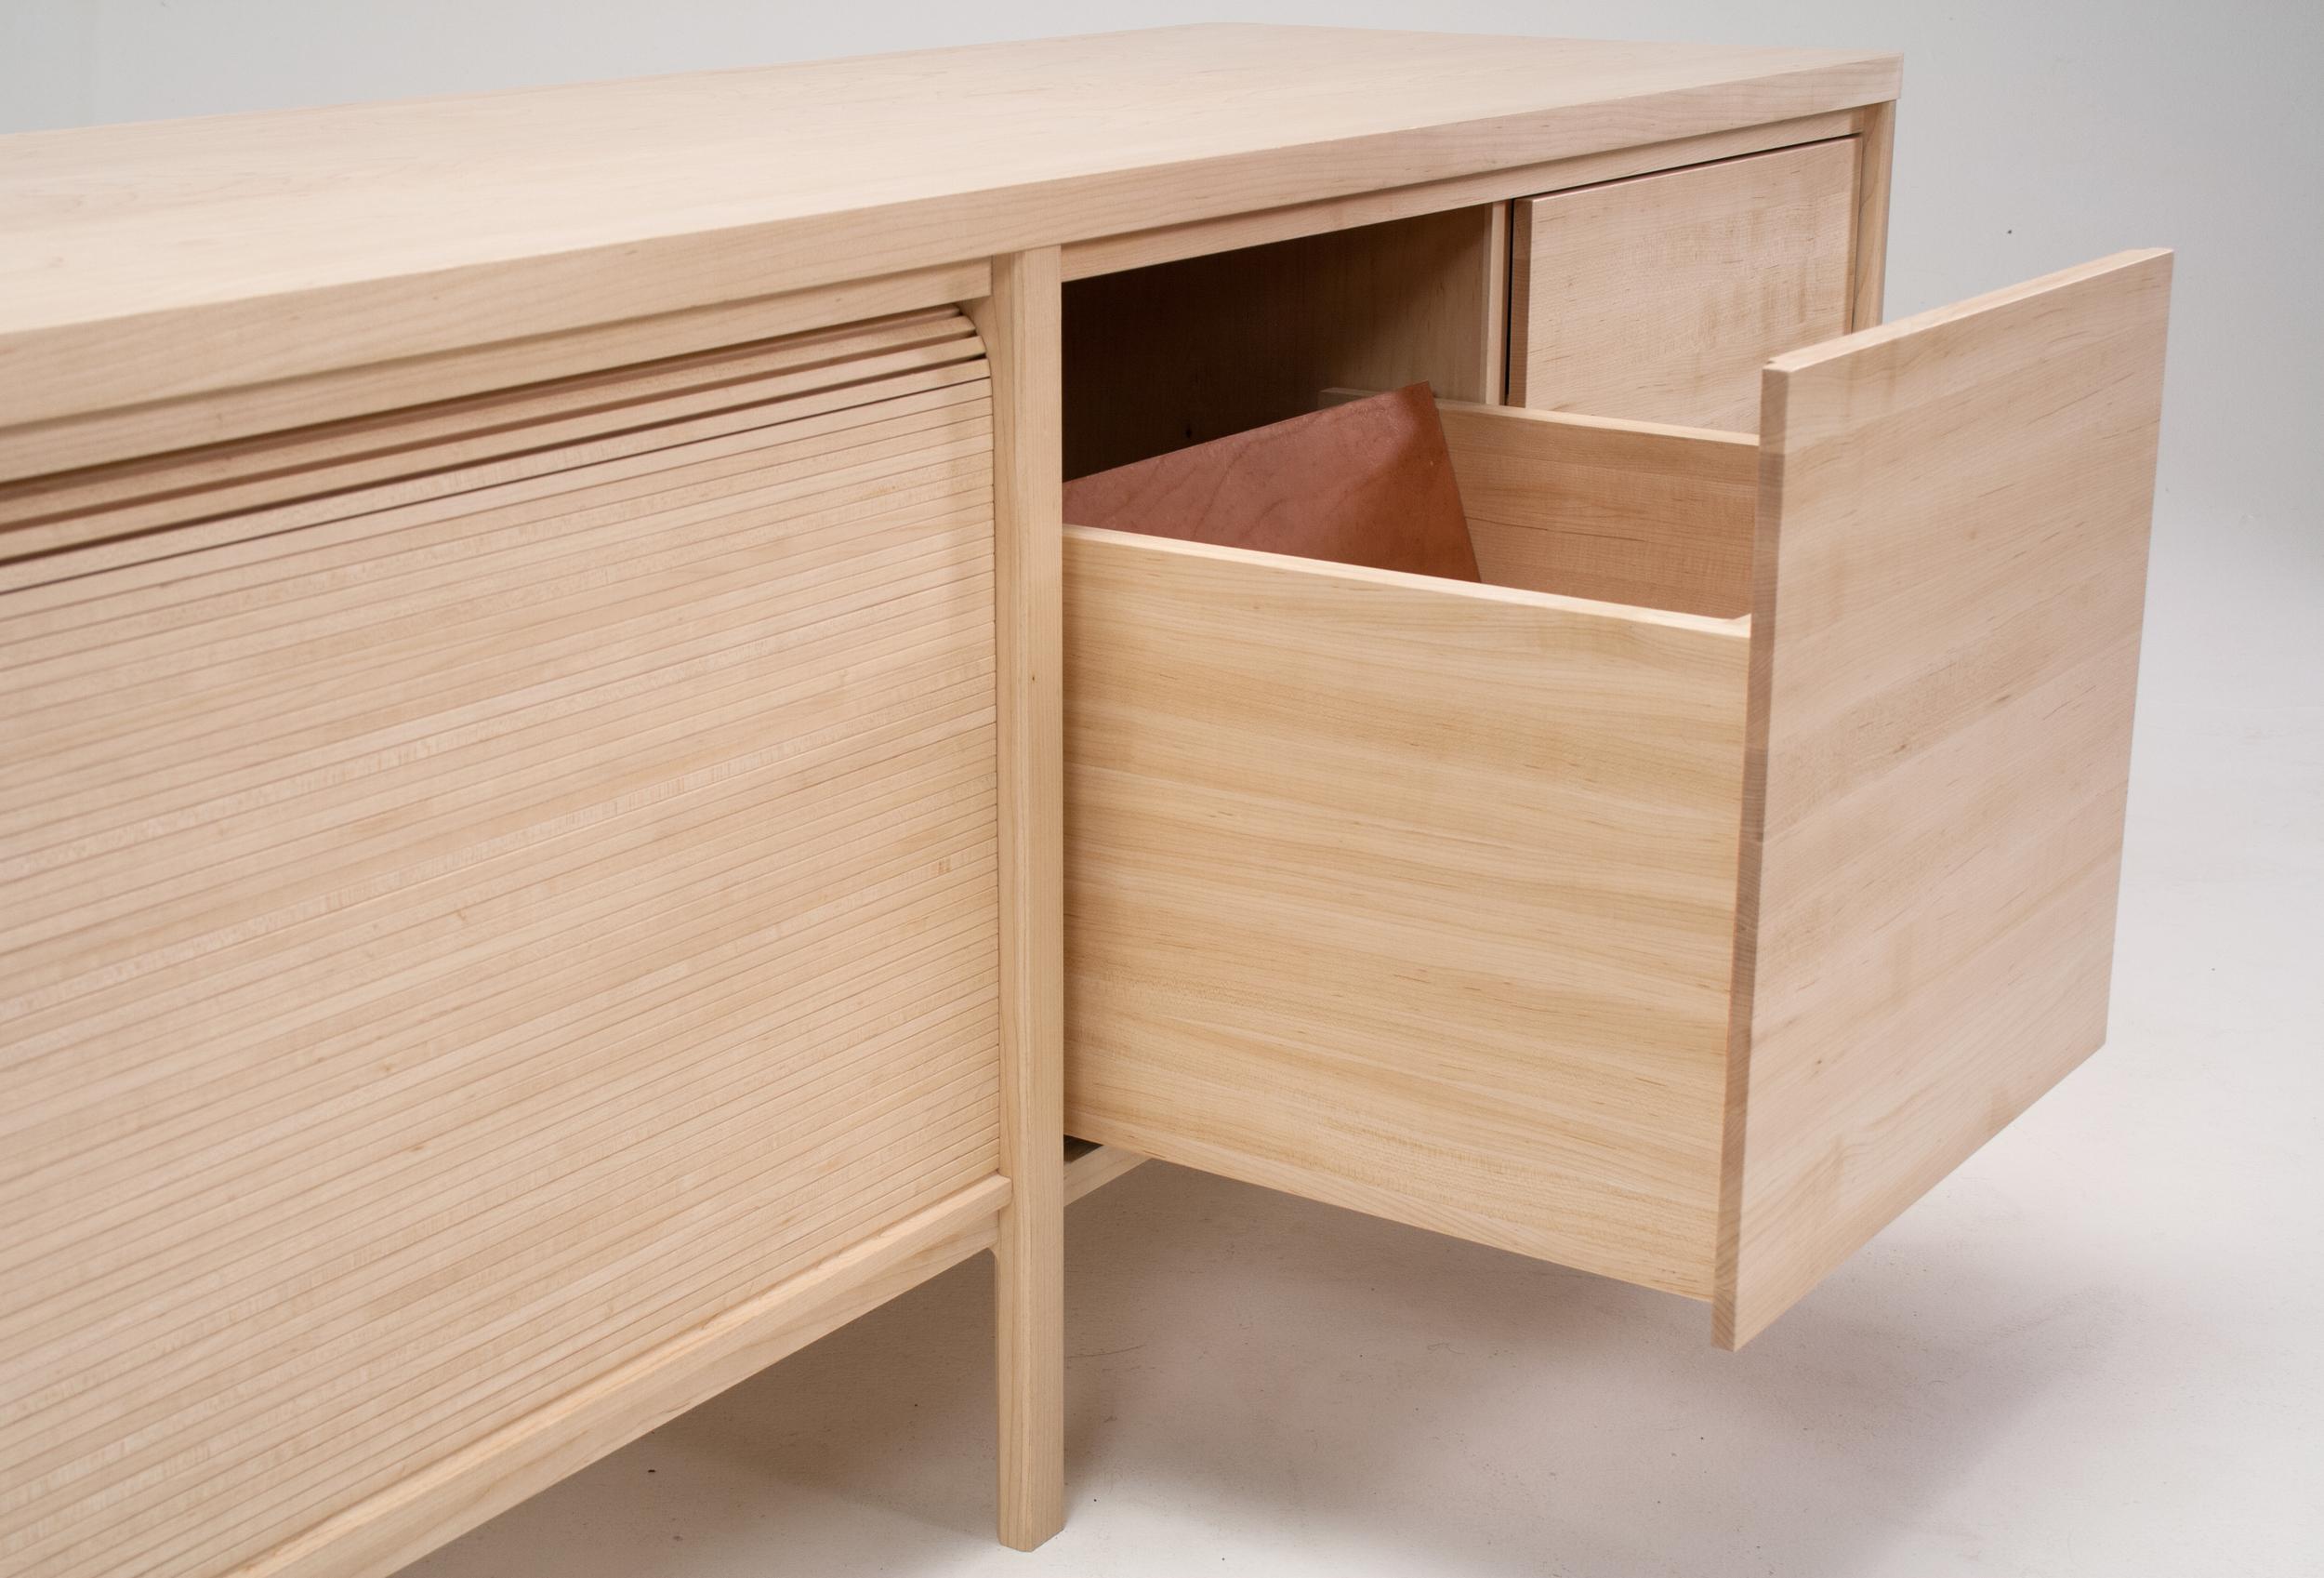 reed cabinet drawer box detail.jpg